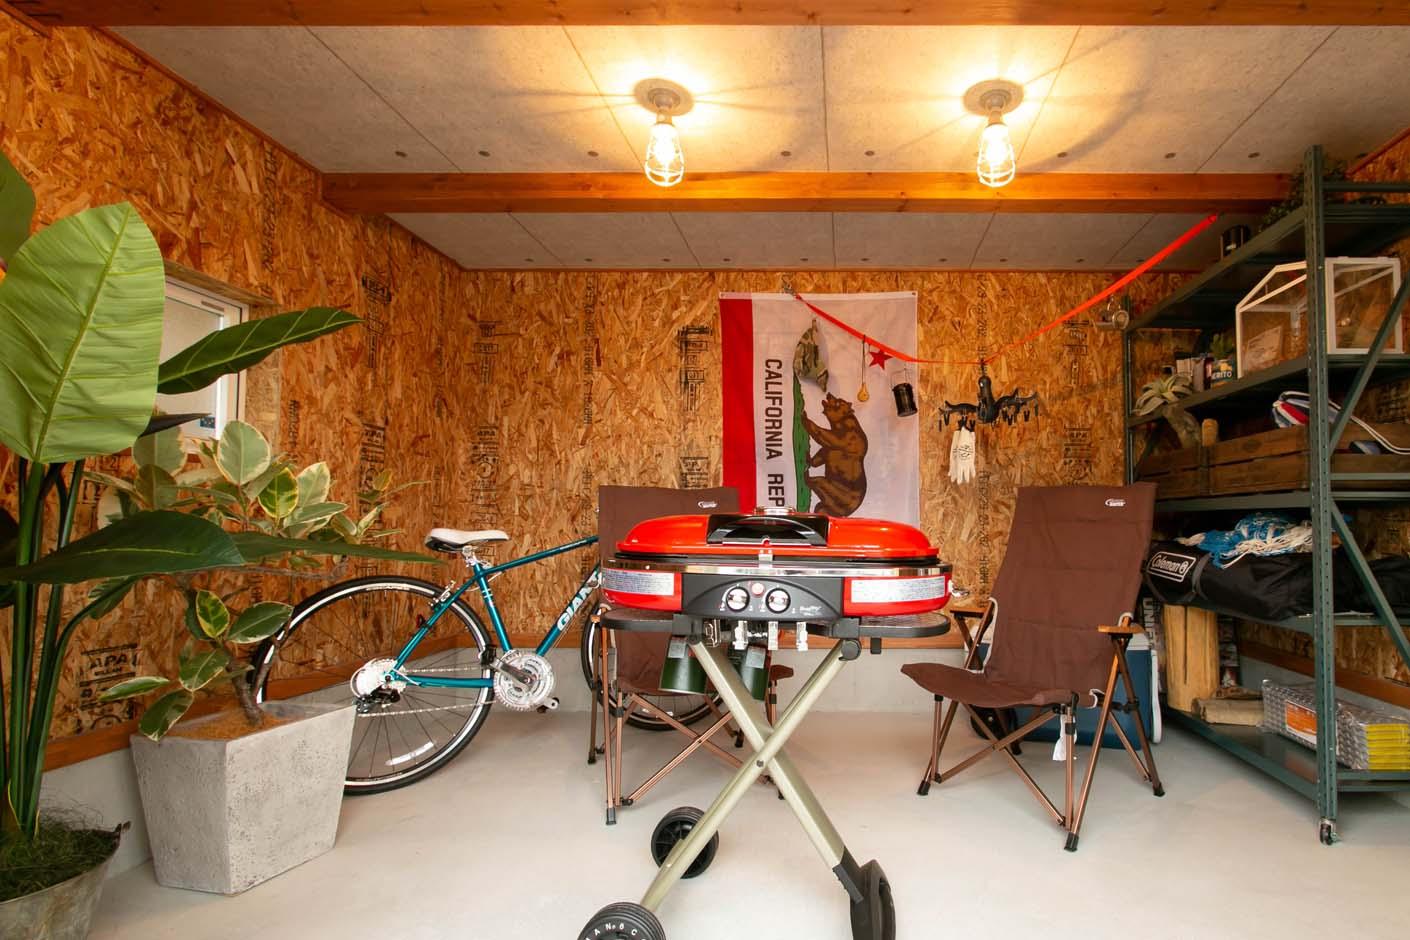 BinO志太・榛原 マルジン総建【焼津市祢宜島407-9・モデルハウス】玄関横にあるアウトドアストッカー。趣味のサーフボード・バイク・キャンプ用品など収納できる場所として。天気を気にせずバイクやサーフボードのメンテナンス場所として